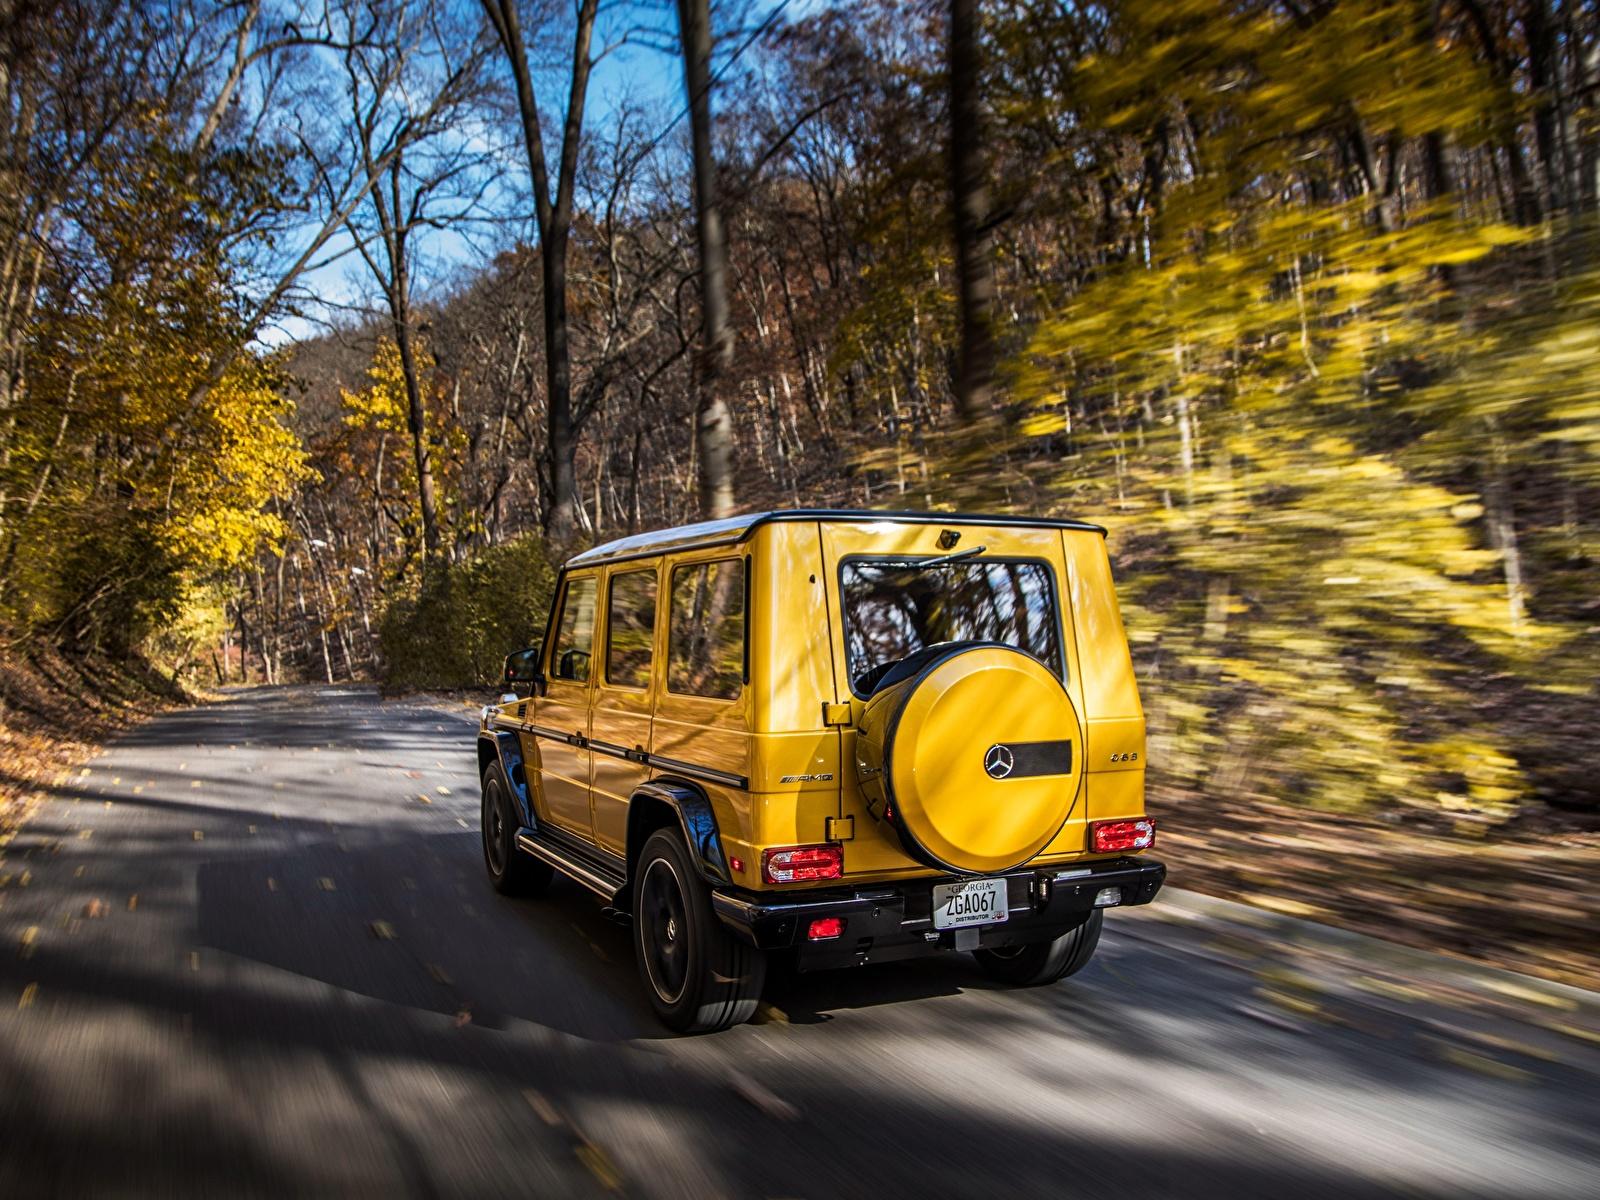 Картинки Mercedes-Benz G-класс AMG G63 2017 Colour Edition желтых скорость авто Сзади 1600x1200 Мерседес бенц Гелентваген Желтый желтые желтая едет едущий едущая Движение машина машины вид сзади автомобиль Автомобили